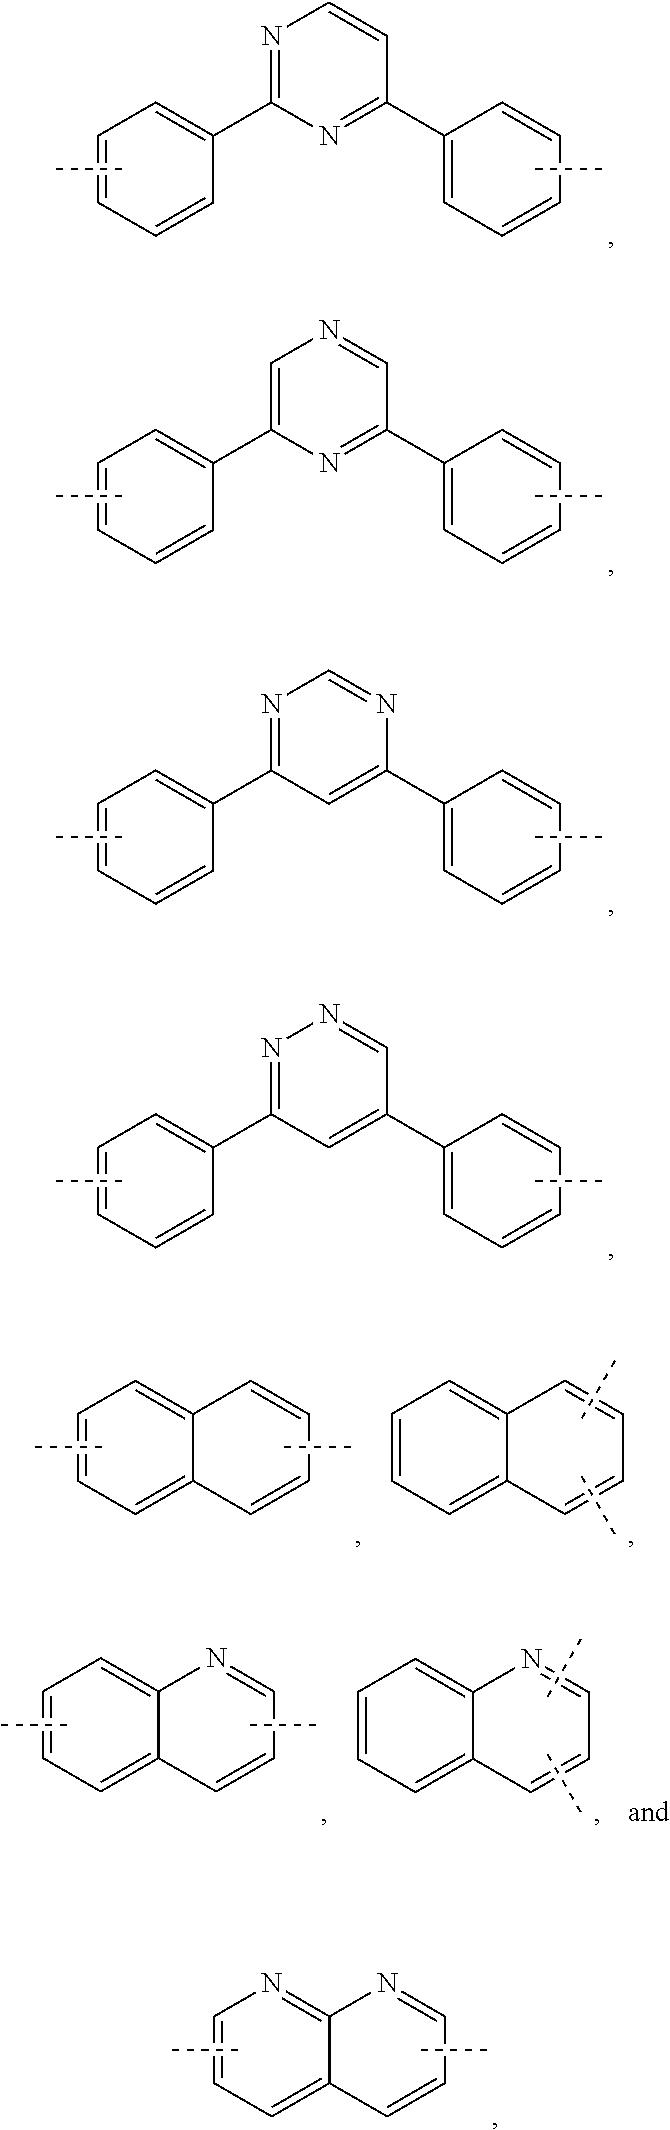 Figure US09780316-20171003-C00016